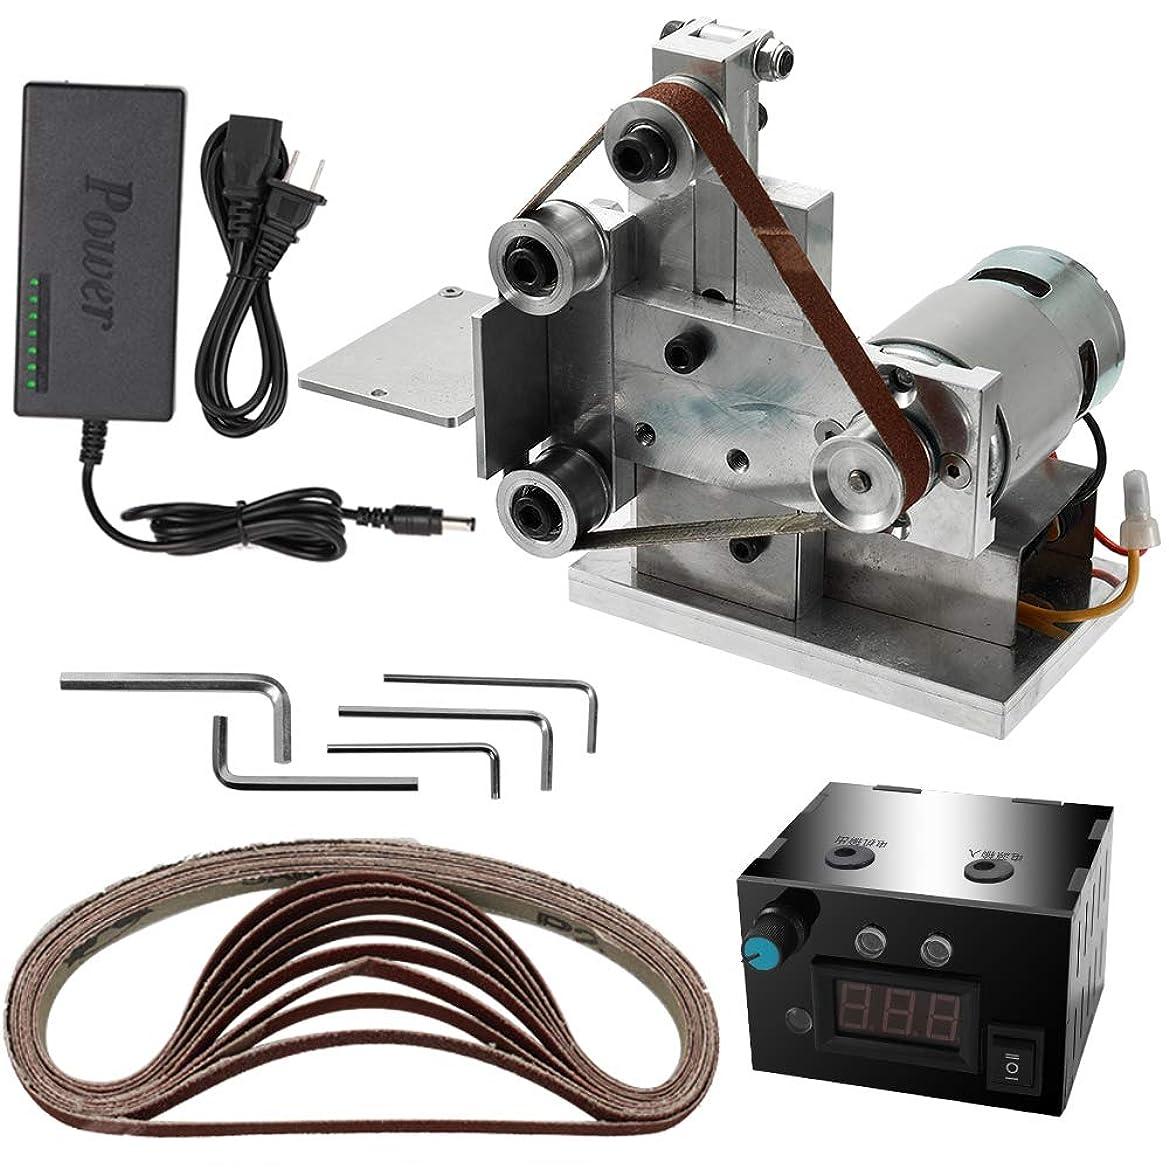 聴衆未使用センチメンタルKKmoon ベルトサンダー グラインダー ミニ電動ベルトサンダー DIY 研磨 研削盤 カッターエッジシャープナー